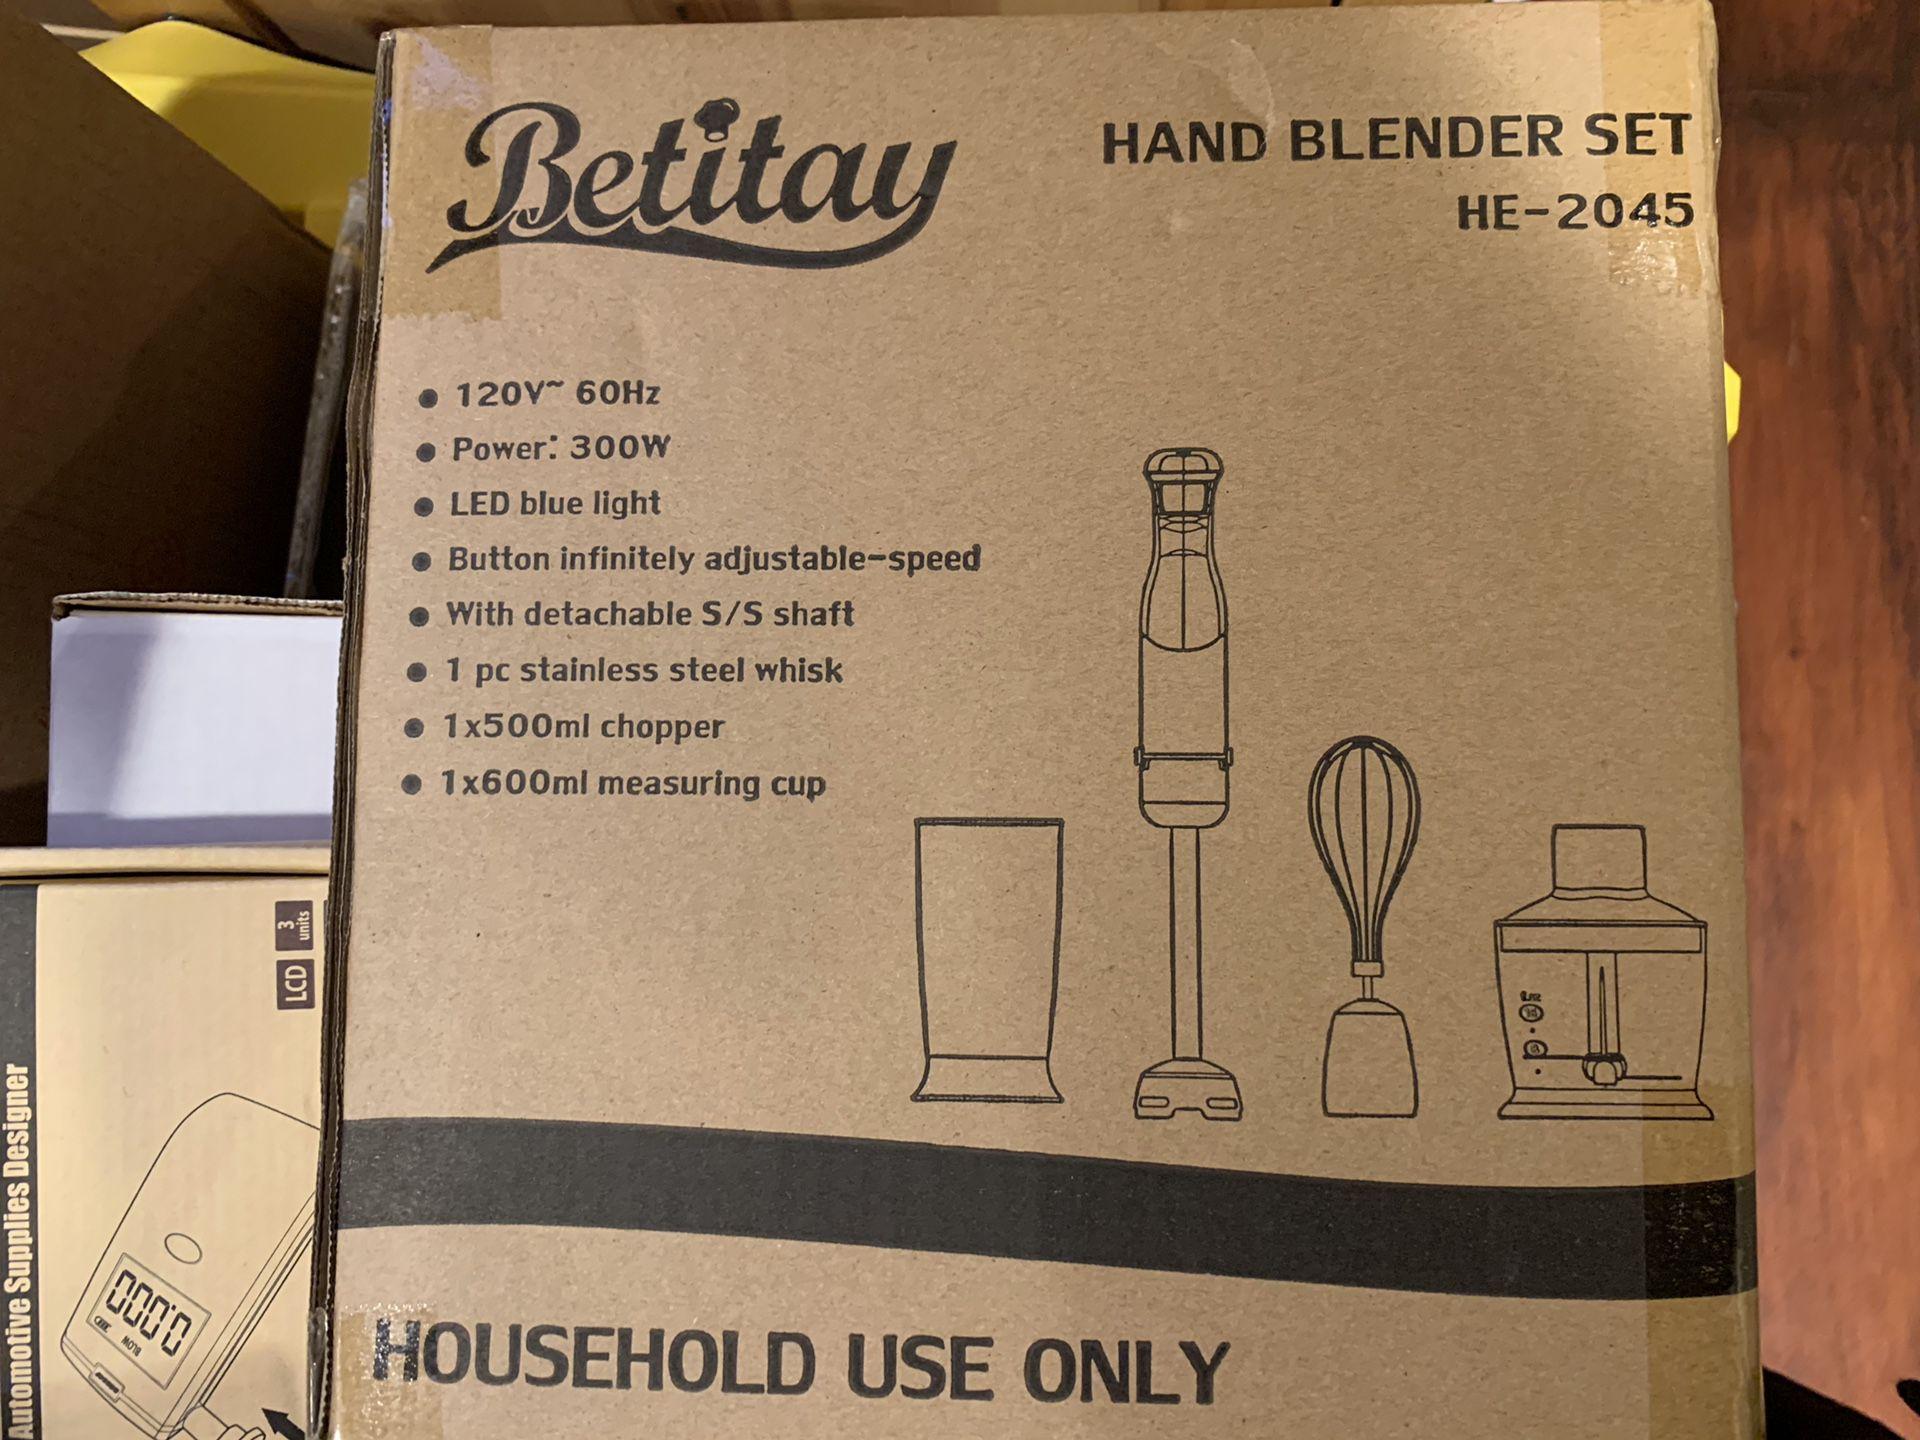 Betitay Hand blender set